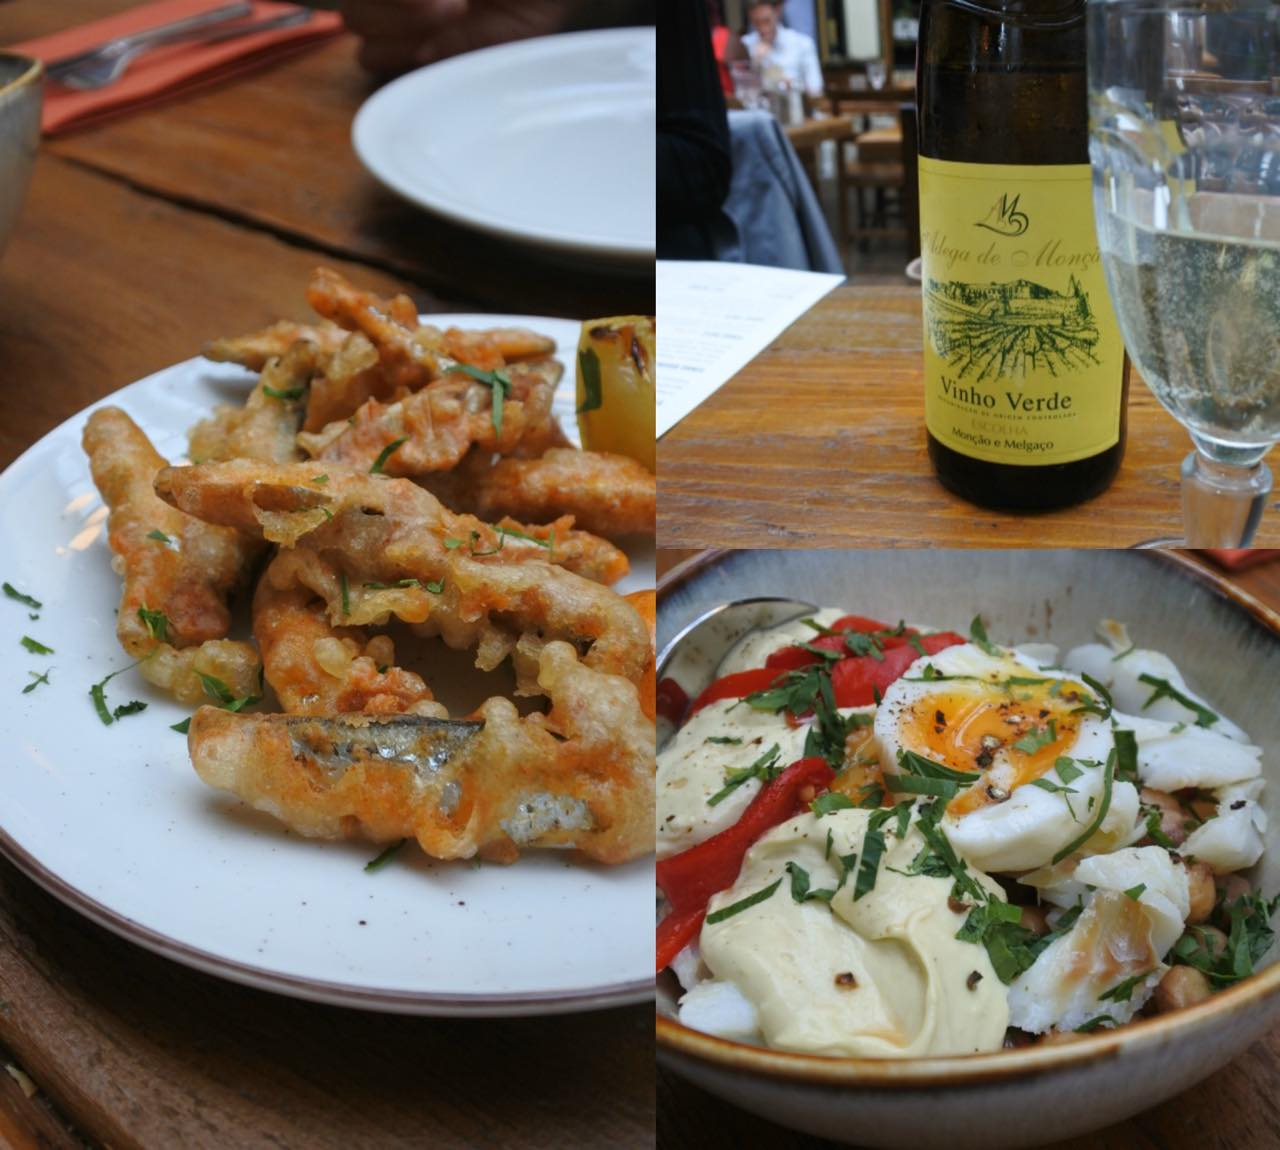 ホワイトベイツのフライ(左)と、塩鱈とひよこ豆のサラダ。右上がグリーン・ワイン! シュワっとした微発泡の喉越しが料理によく合う